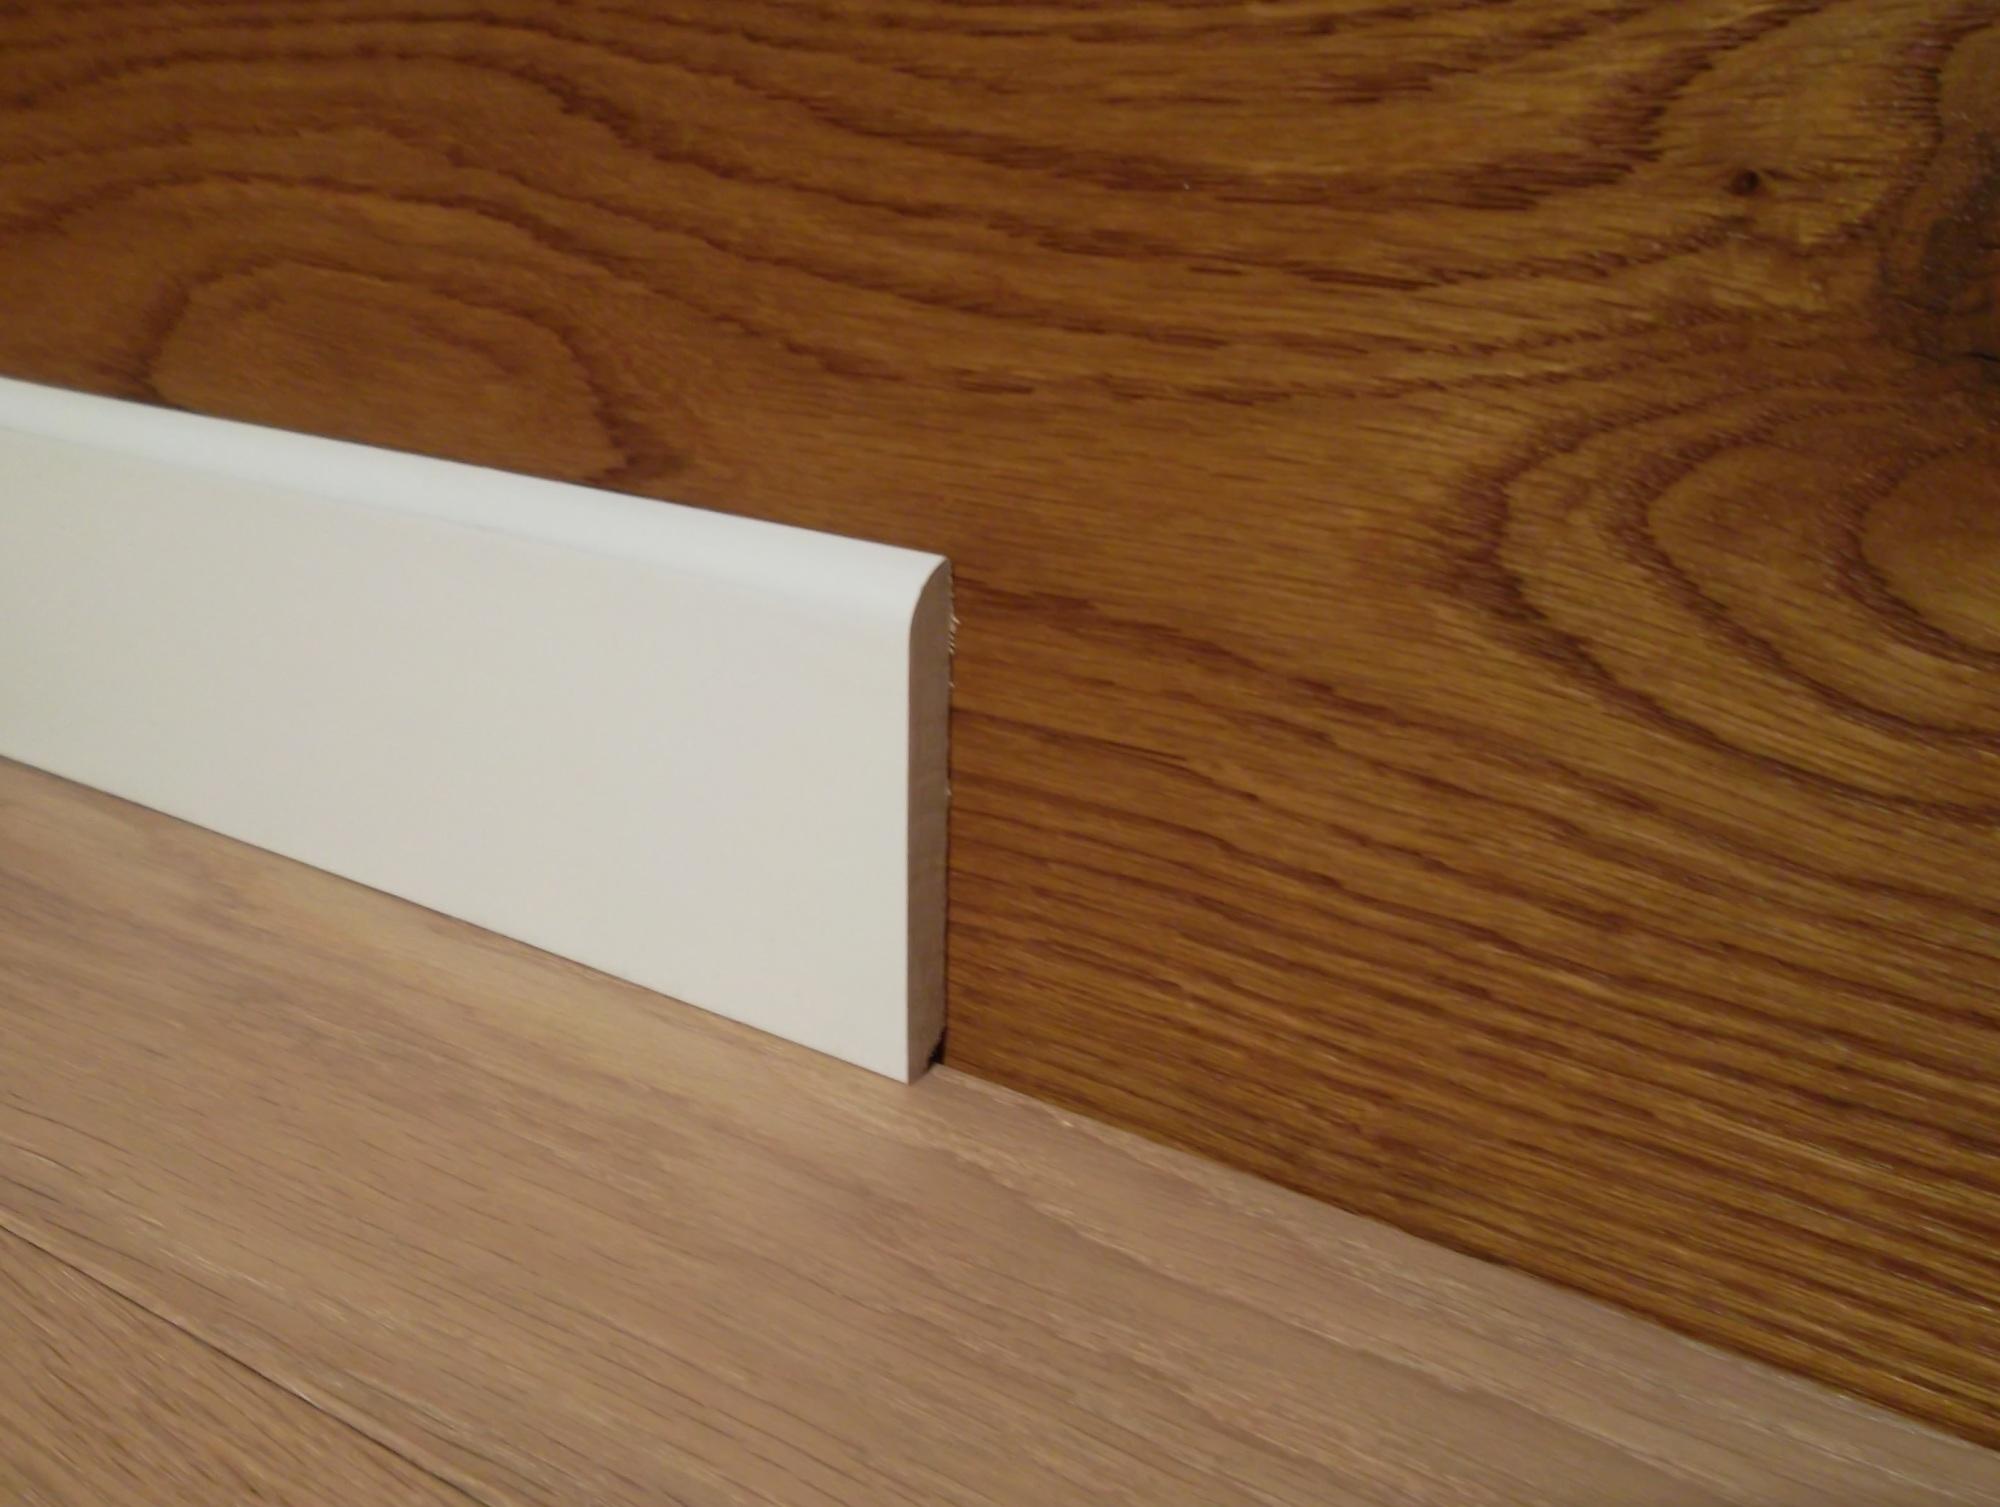 Battiscopa In Legno Bianco battiscopa legno mm 80x10 laccato bianco